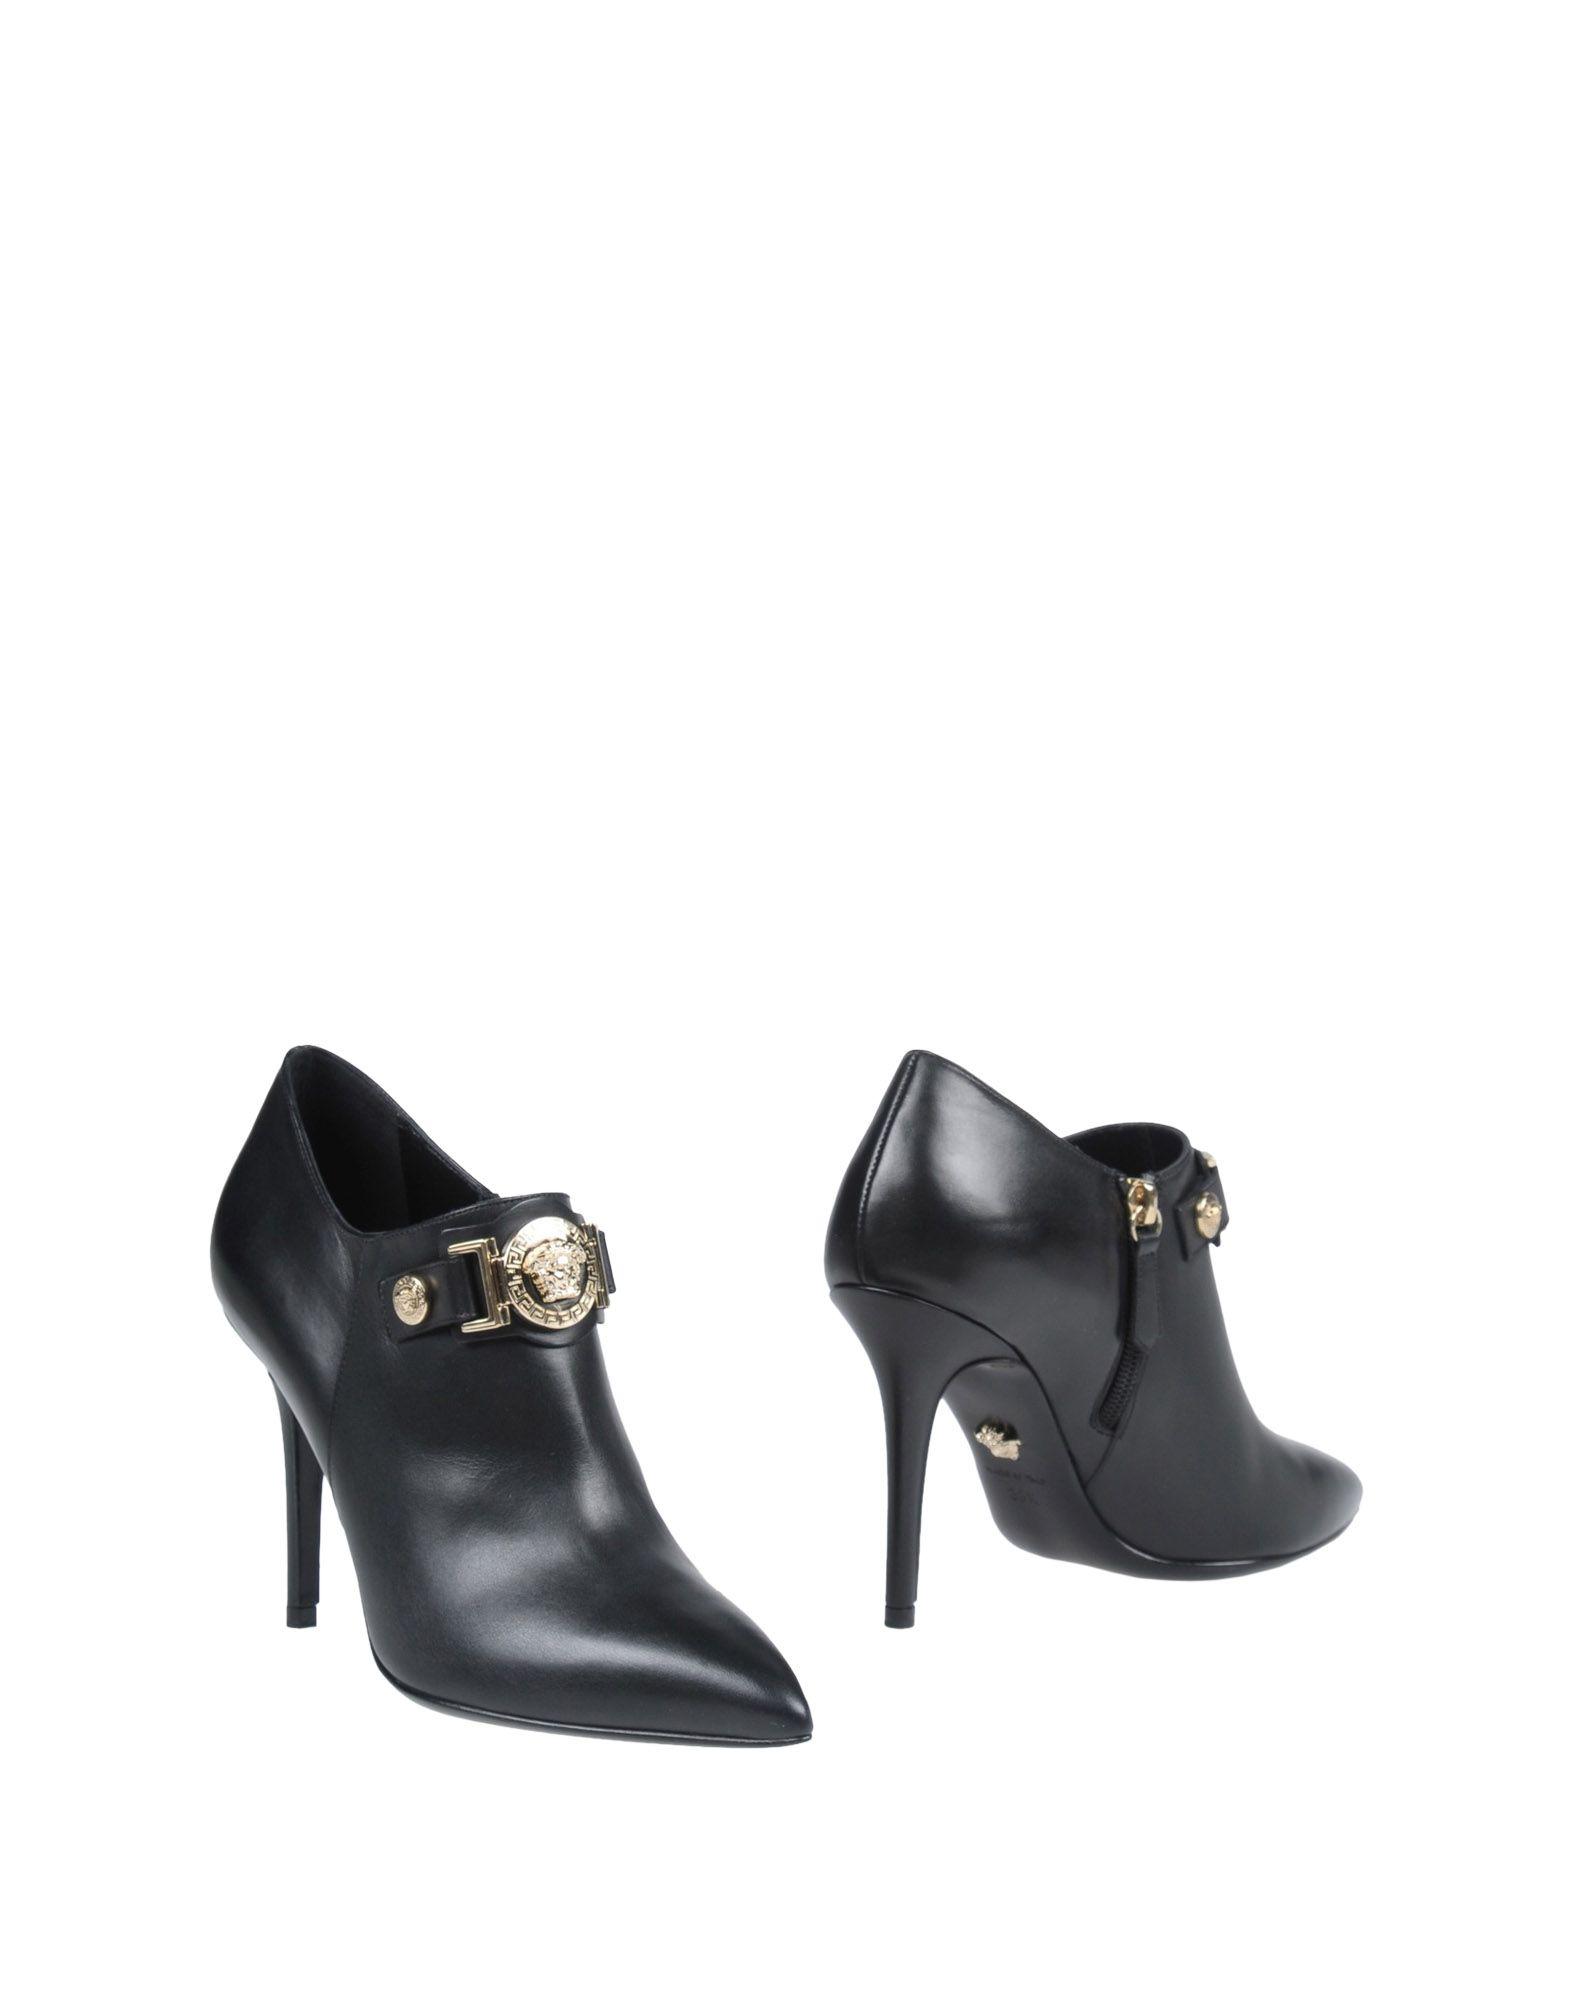 Bottine Versace Femme - Bottines Versace sur